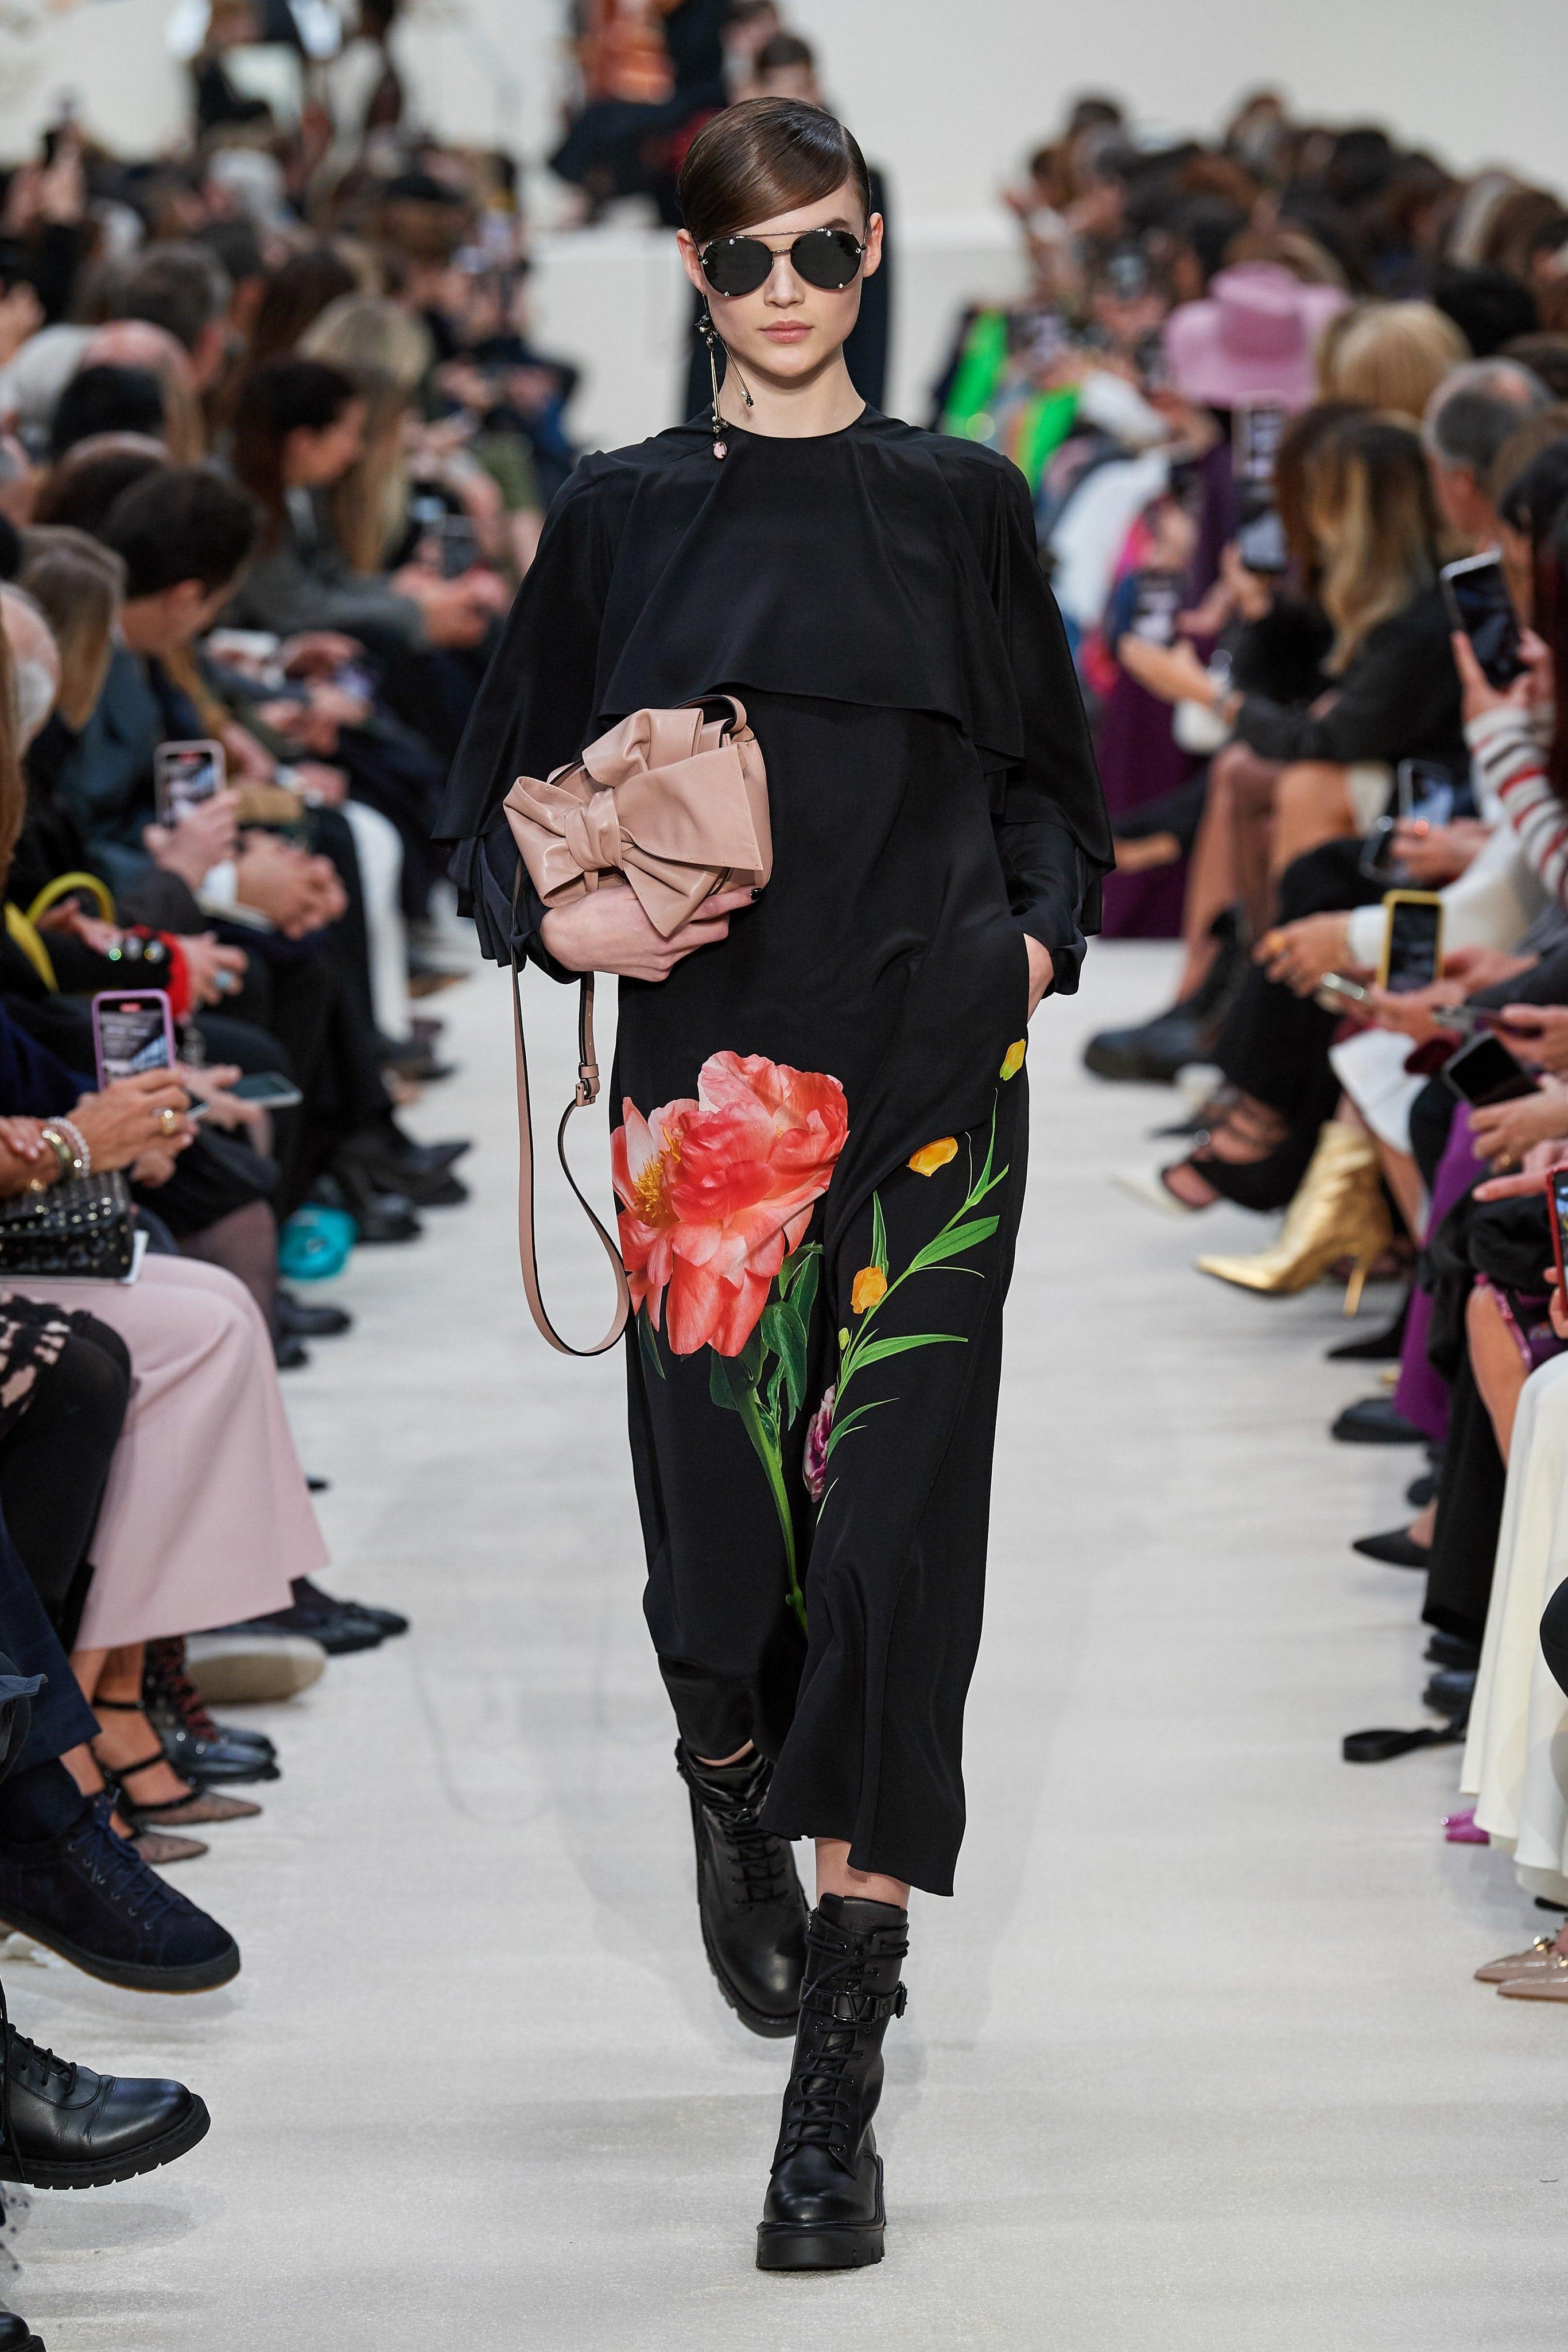 Người mẫu đội đầu thú lên trình diễn thời trang tại Paris Fashion Week - 12